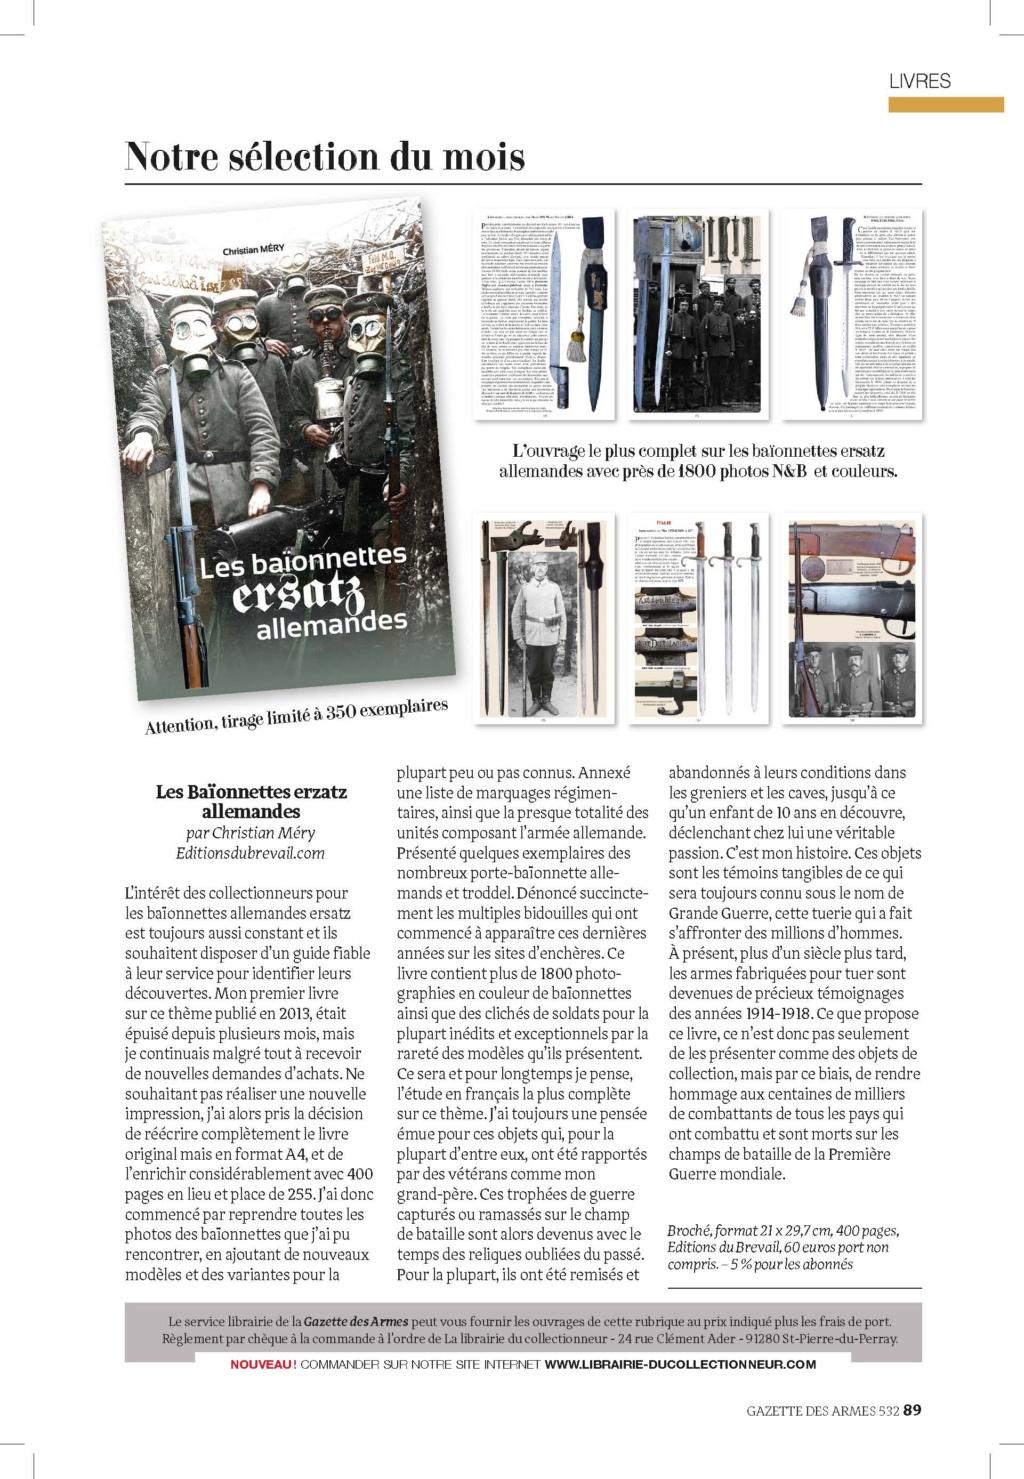 Nouveau livre baïonnettes ersatz allemandes  091-ga12